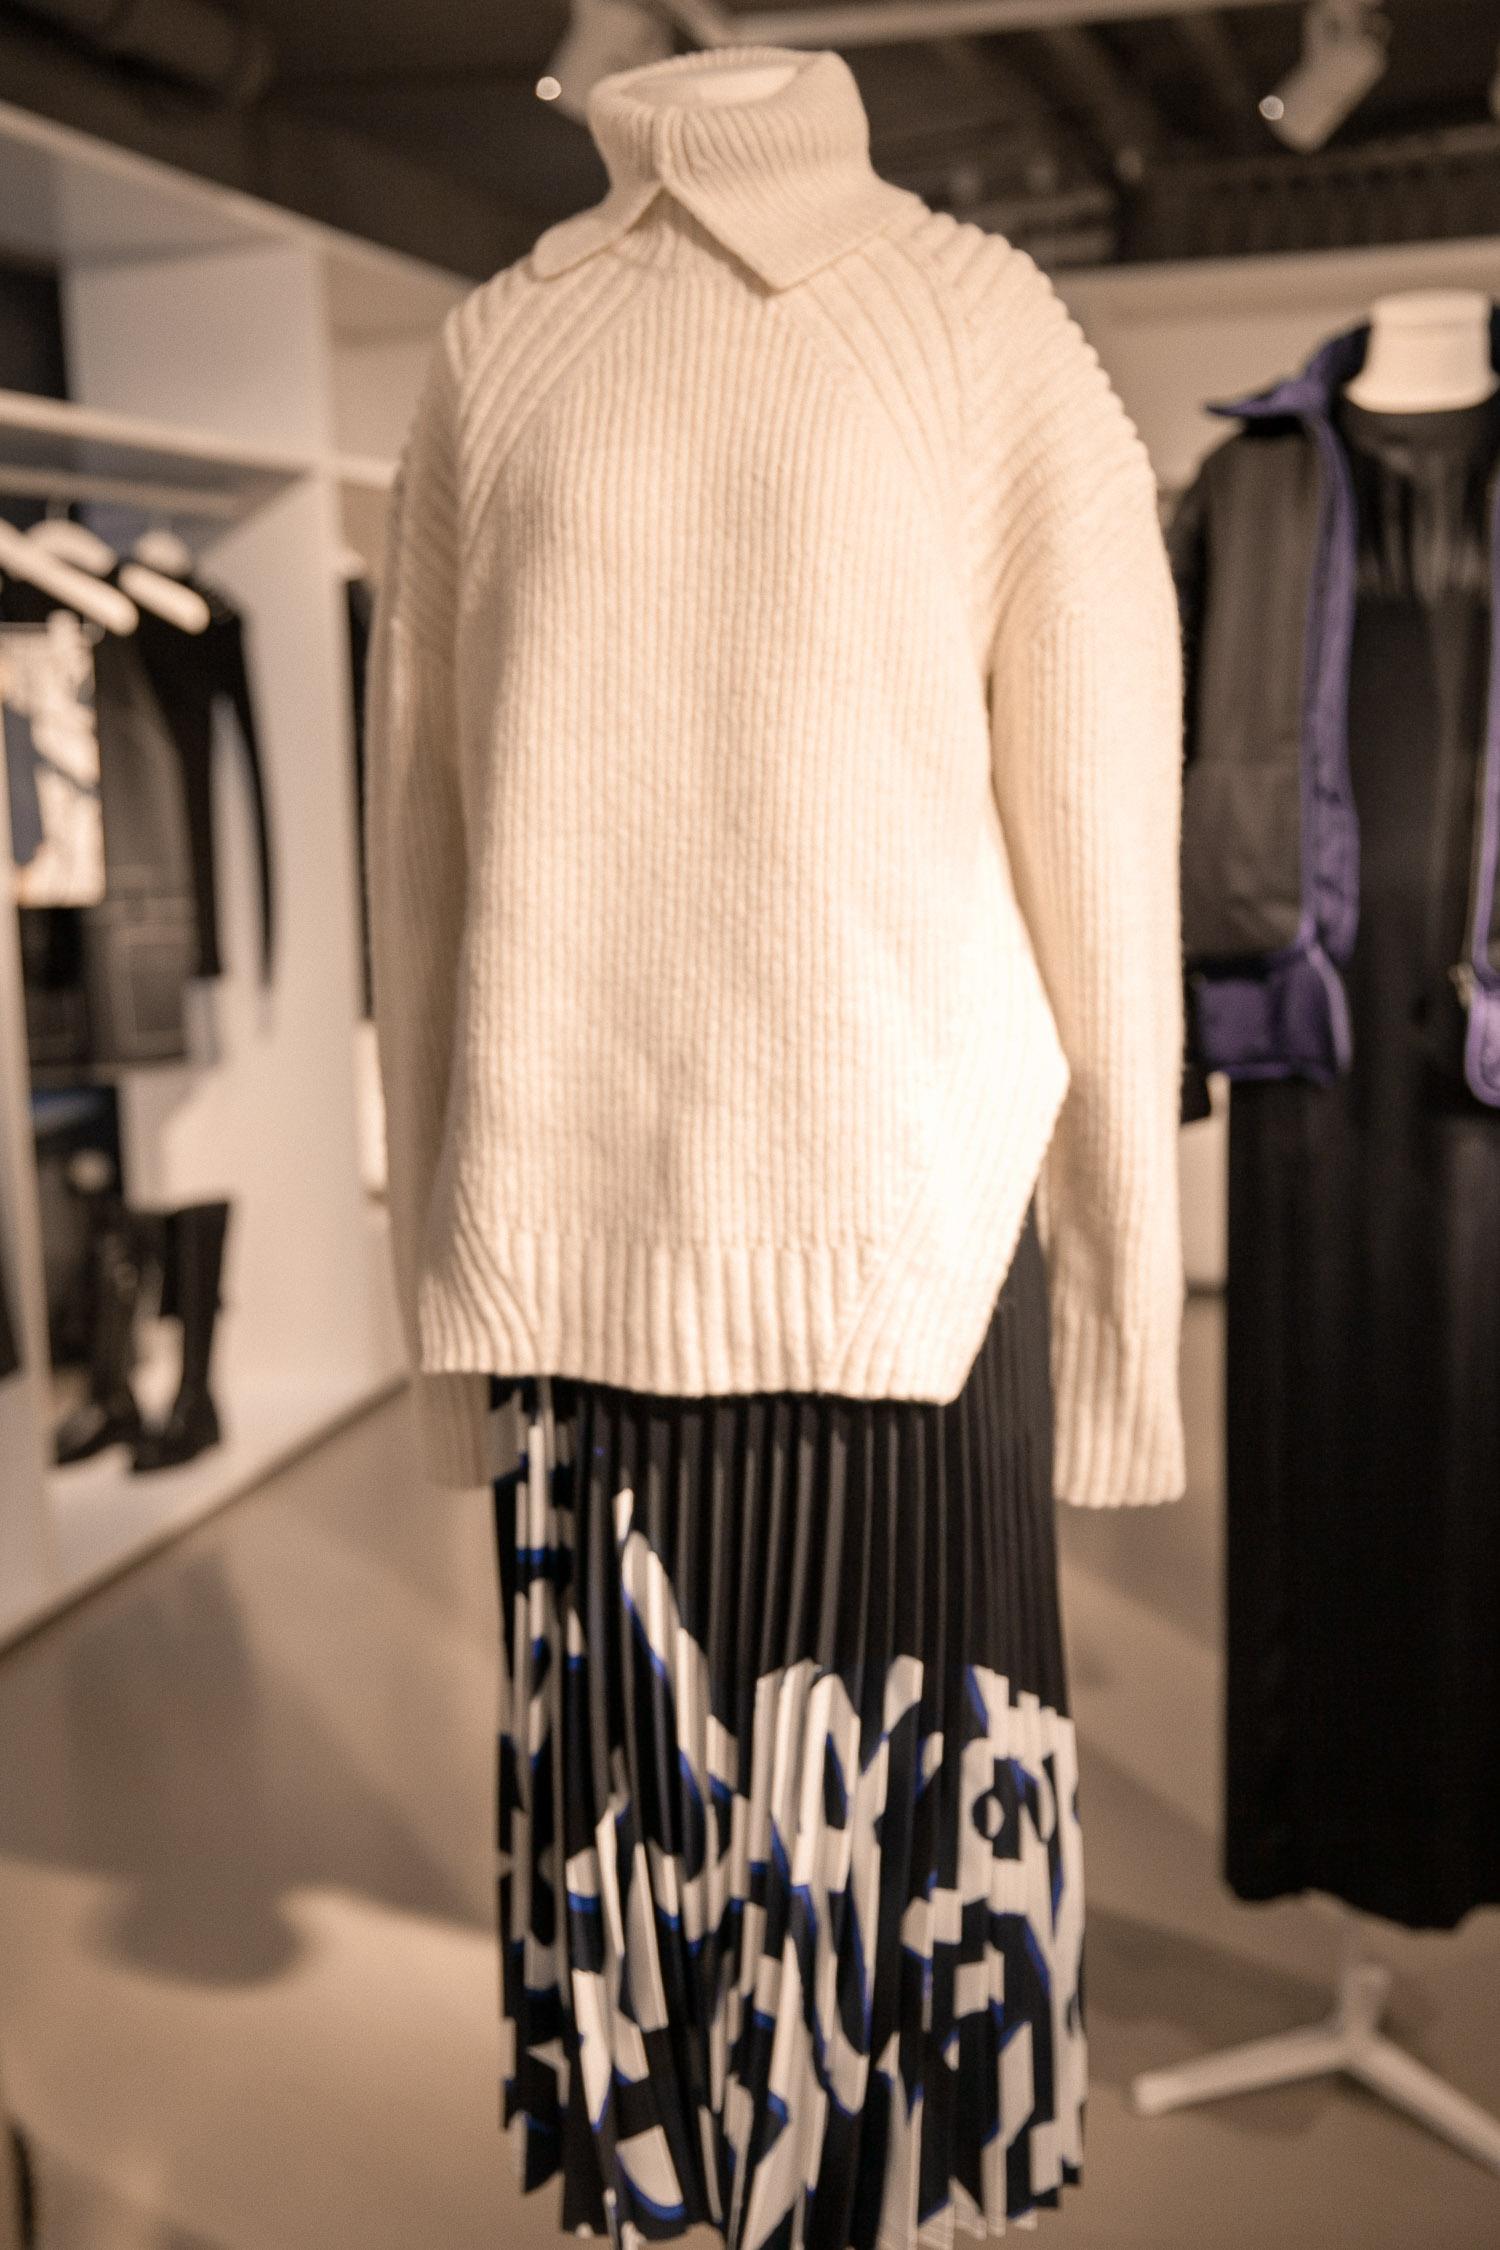 Weißer Strickpullover aus der H&M Studio Herbst/Winter 2017 Kollektion ab dem 14. September 2017